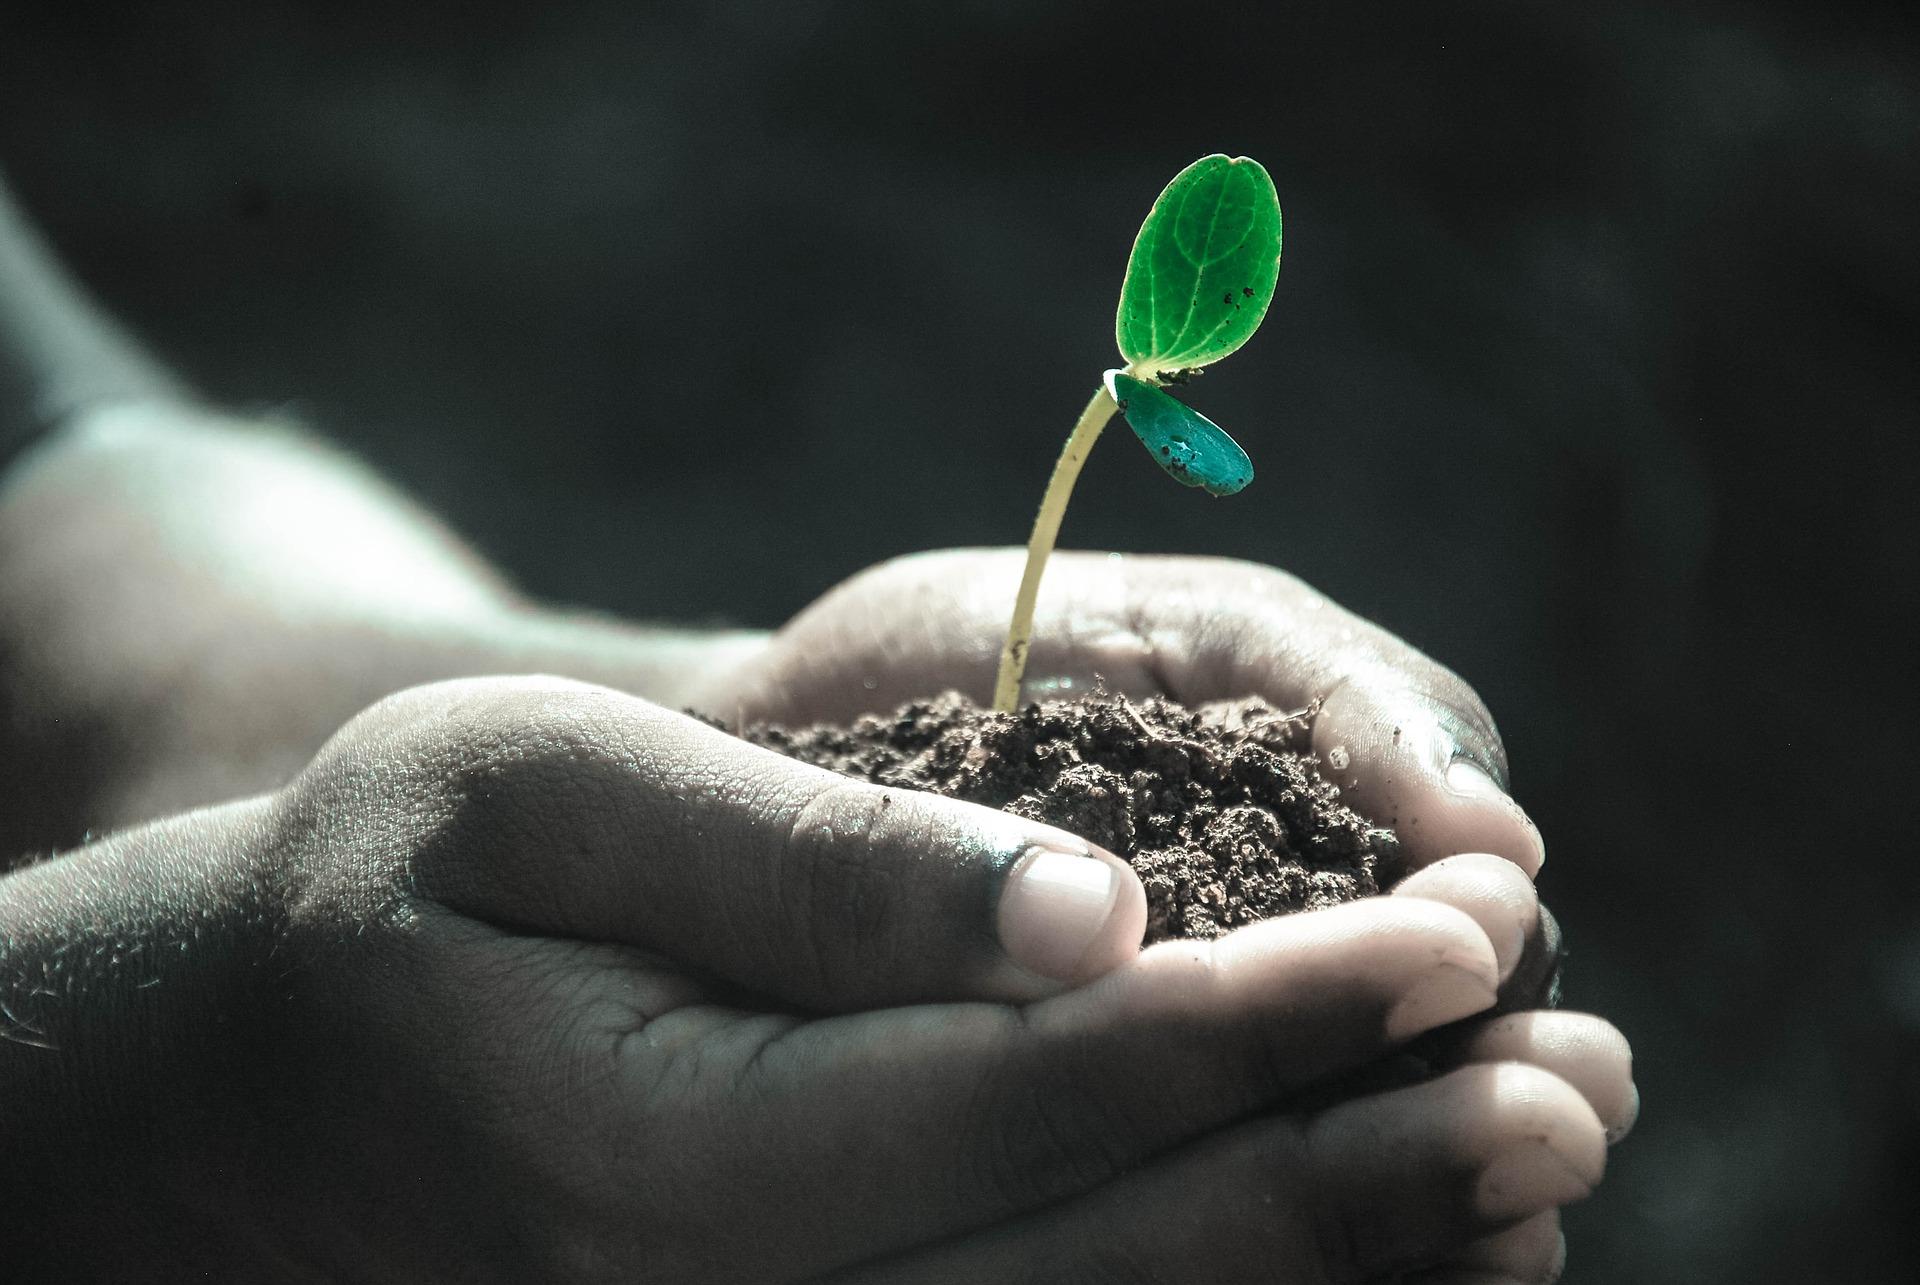 Kéz, amely földet tart, amelyből egy kis zöld növény fejlődik